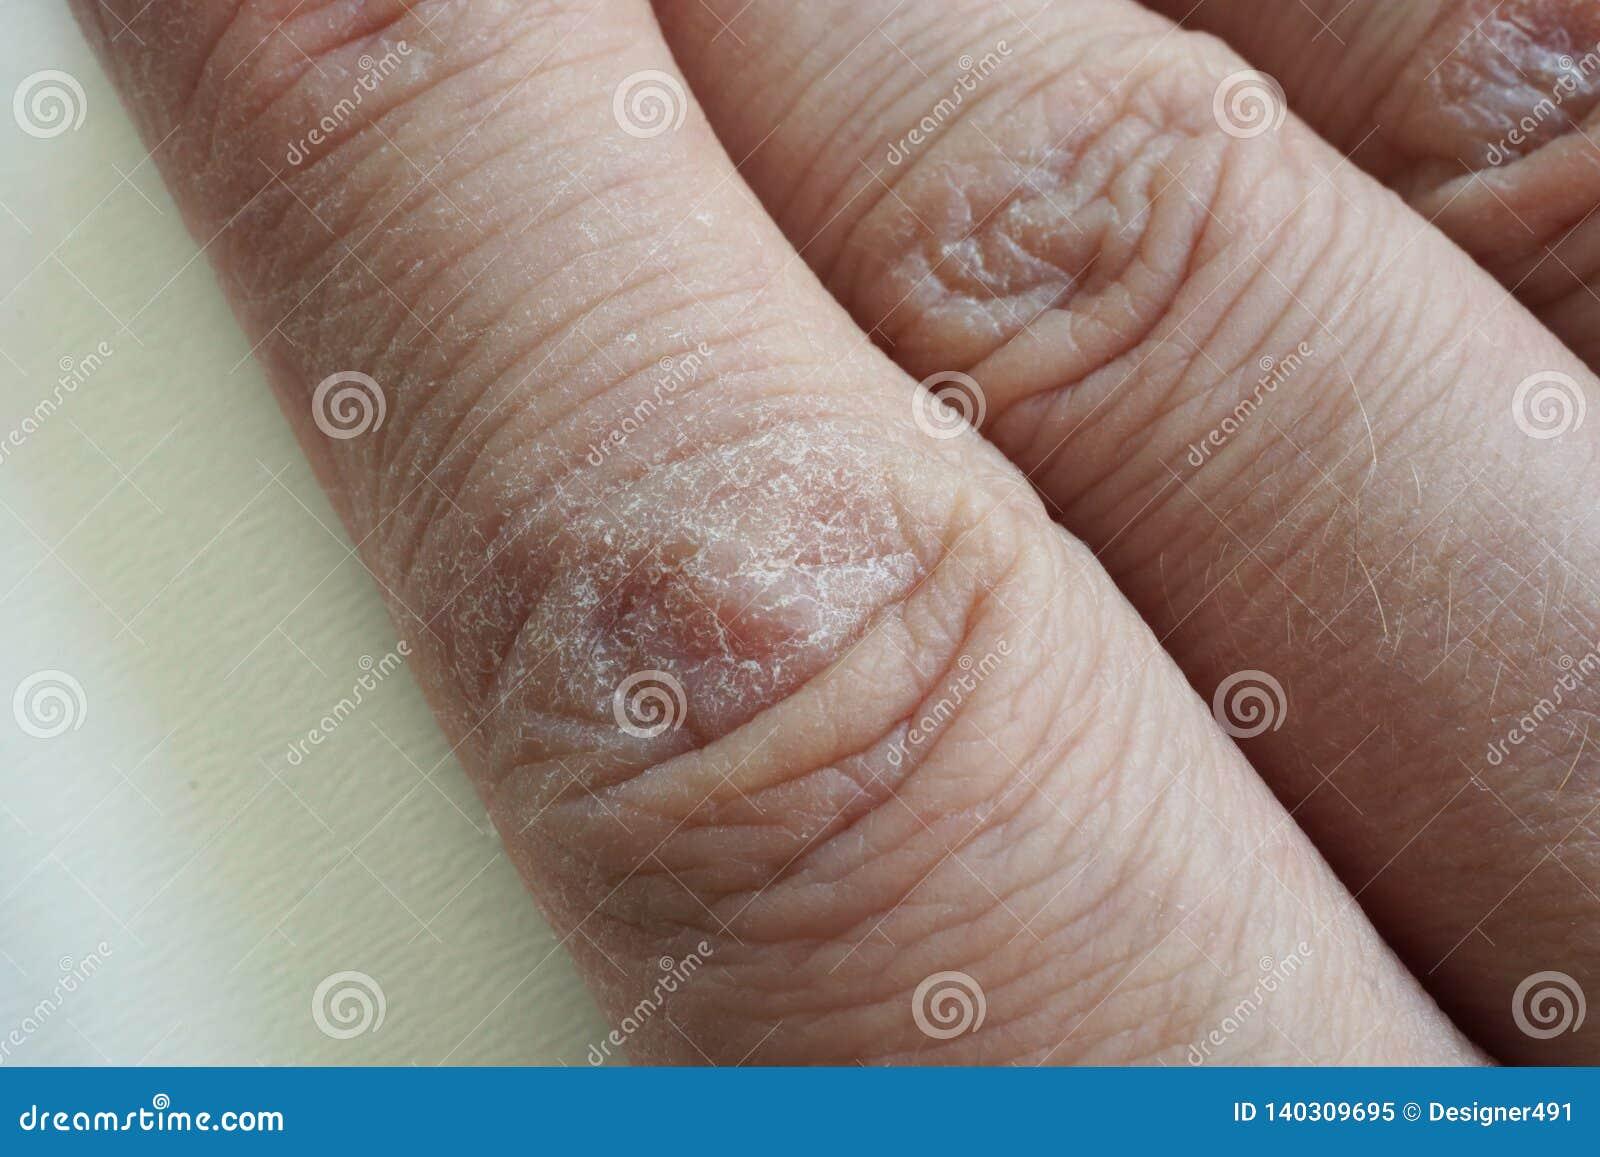 Ciérrese para arriba de manos con la piel agrietada seca